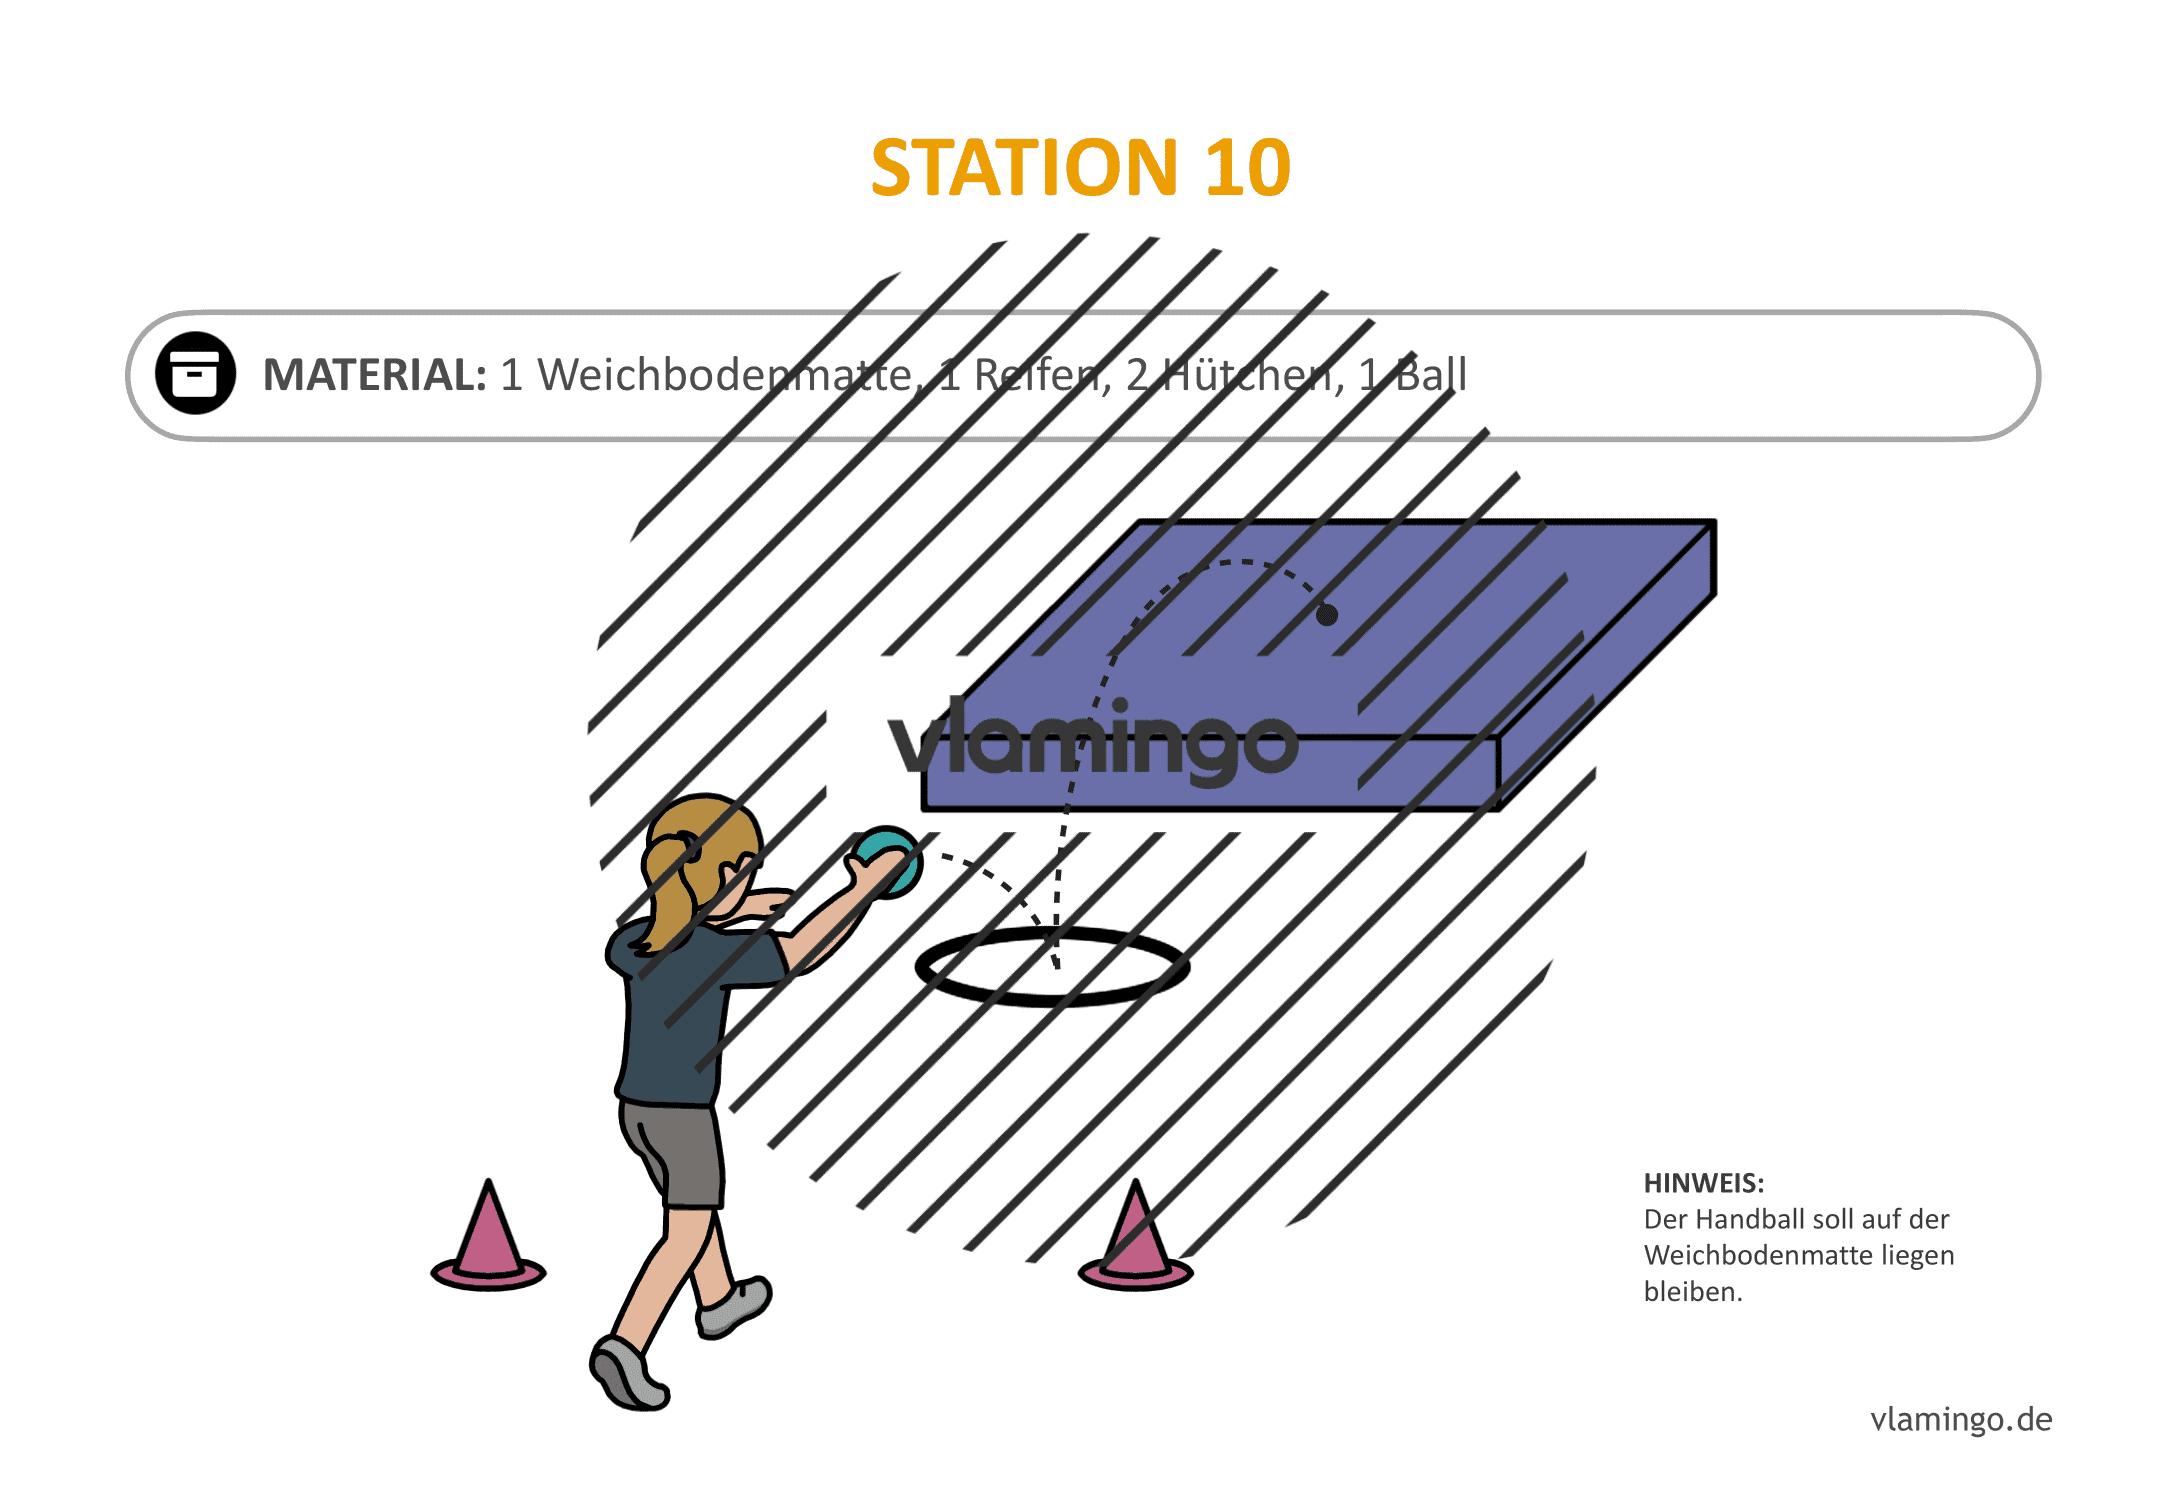 Handballgolf - Station-10